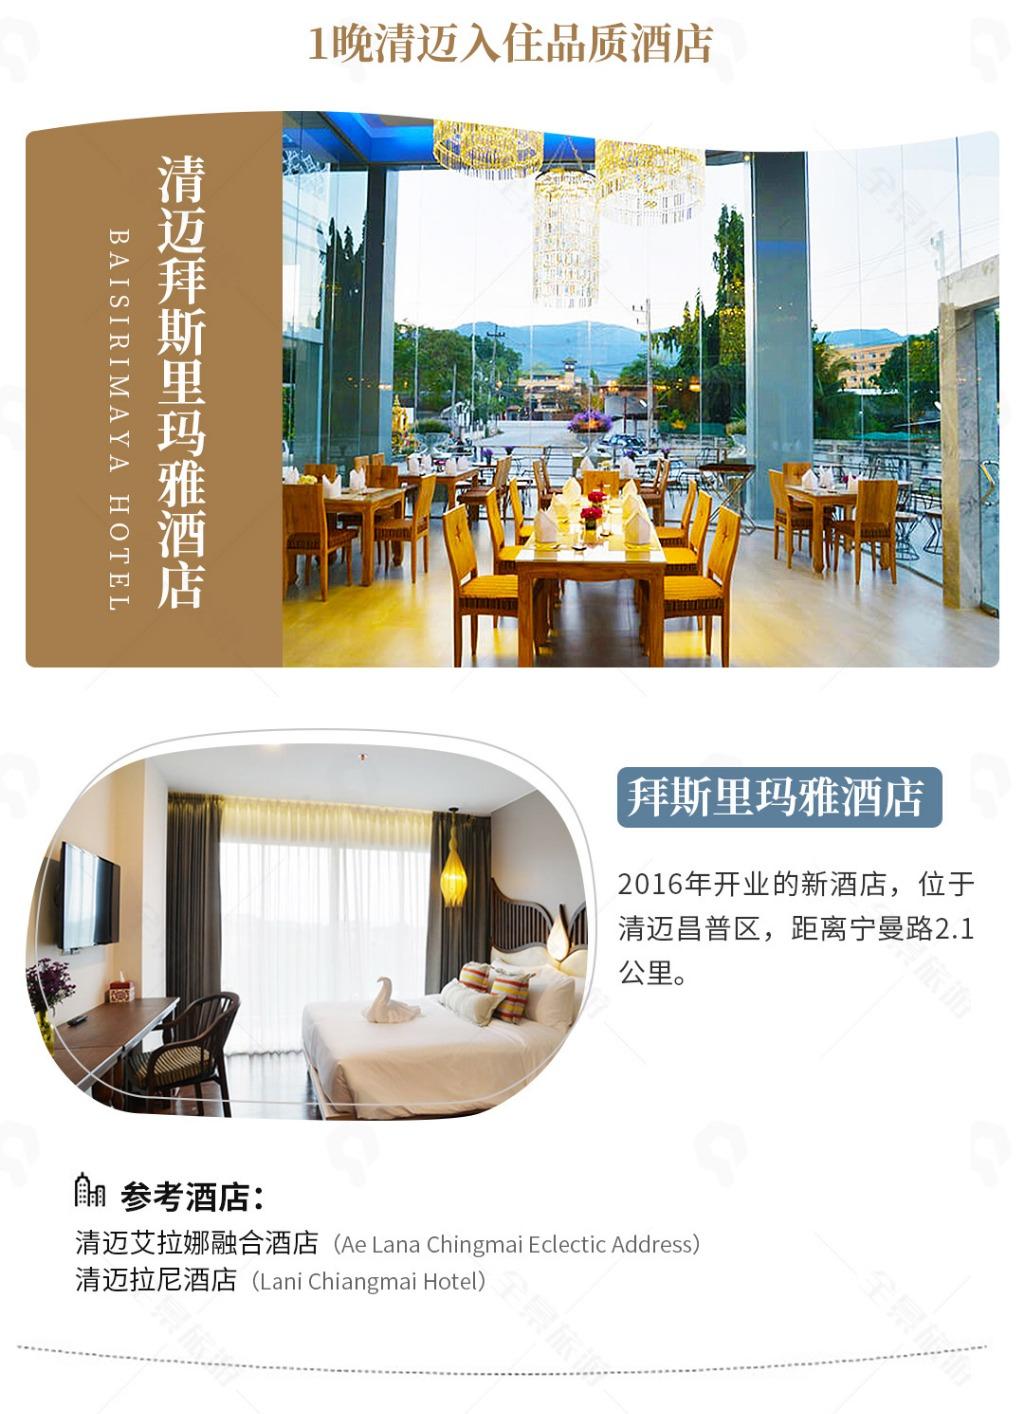 里拉下午茶+邓丽君别墅自助餐』升1晚清莱泳黄磊酒店的图片